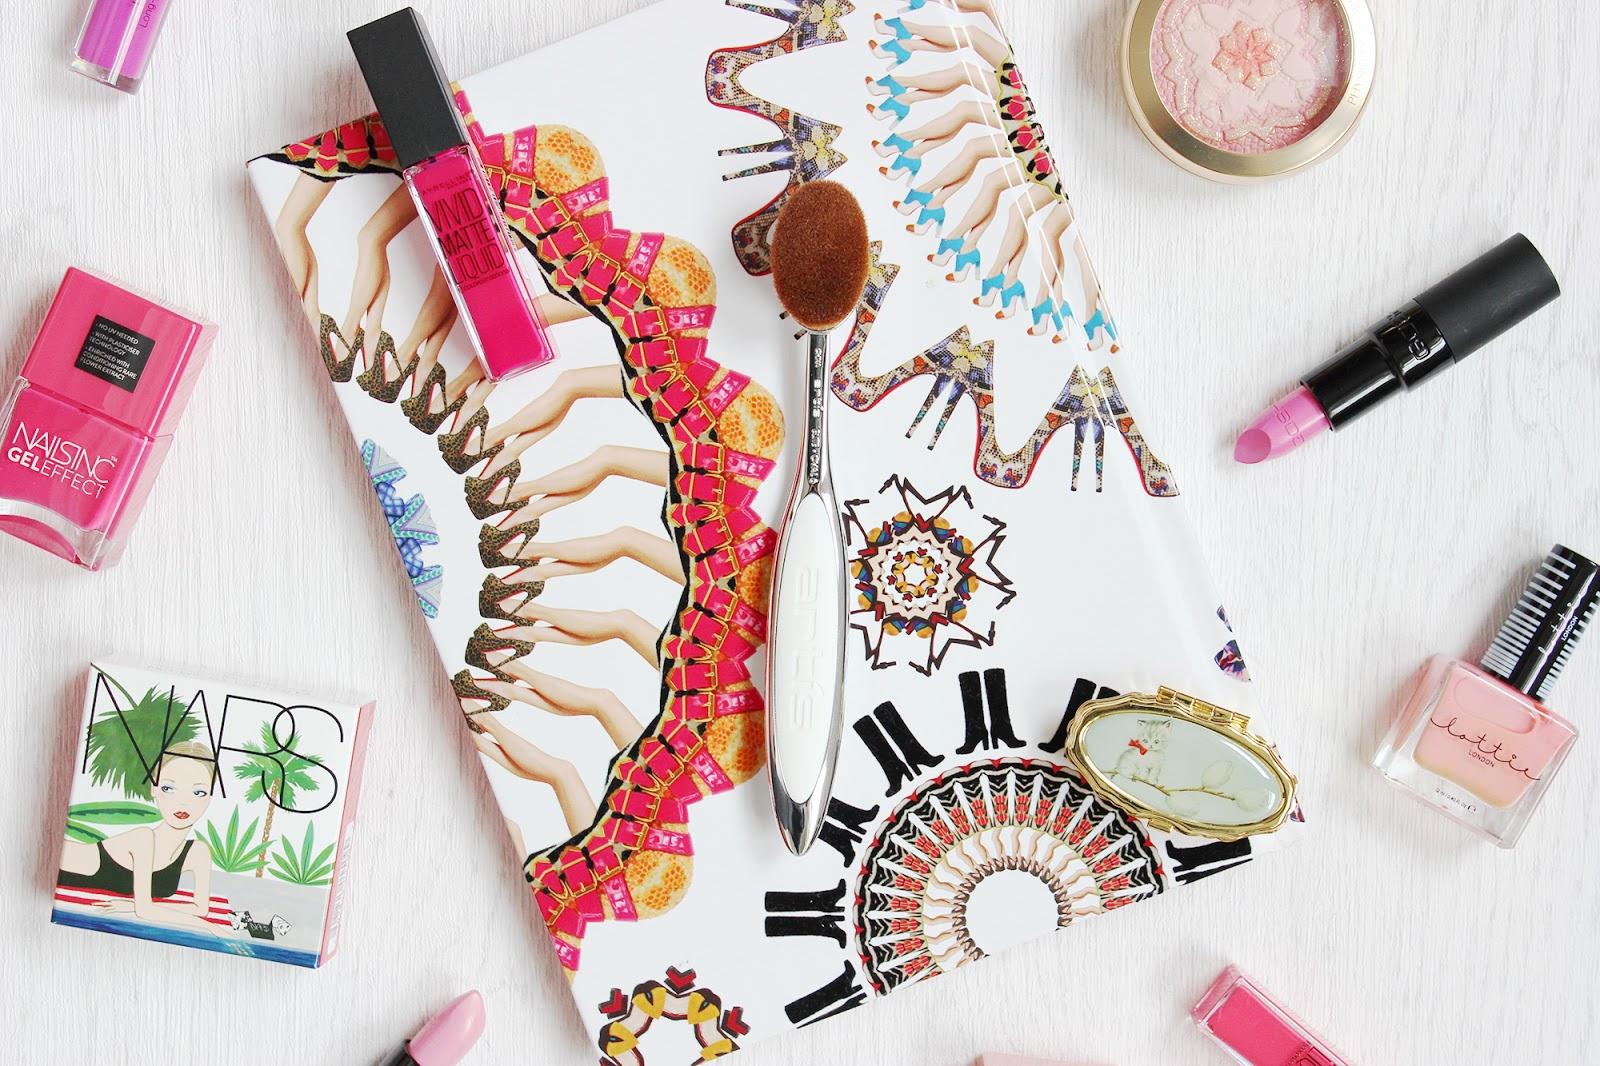 Artis Oval 6 makeup brush review